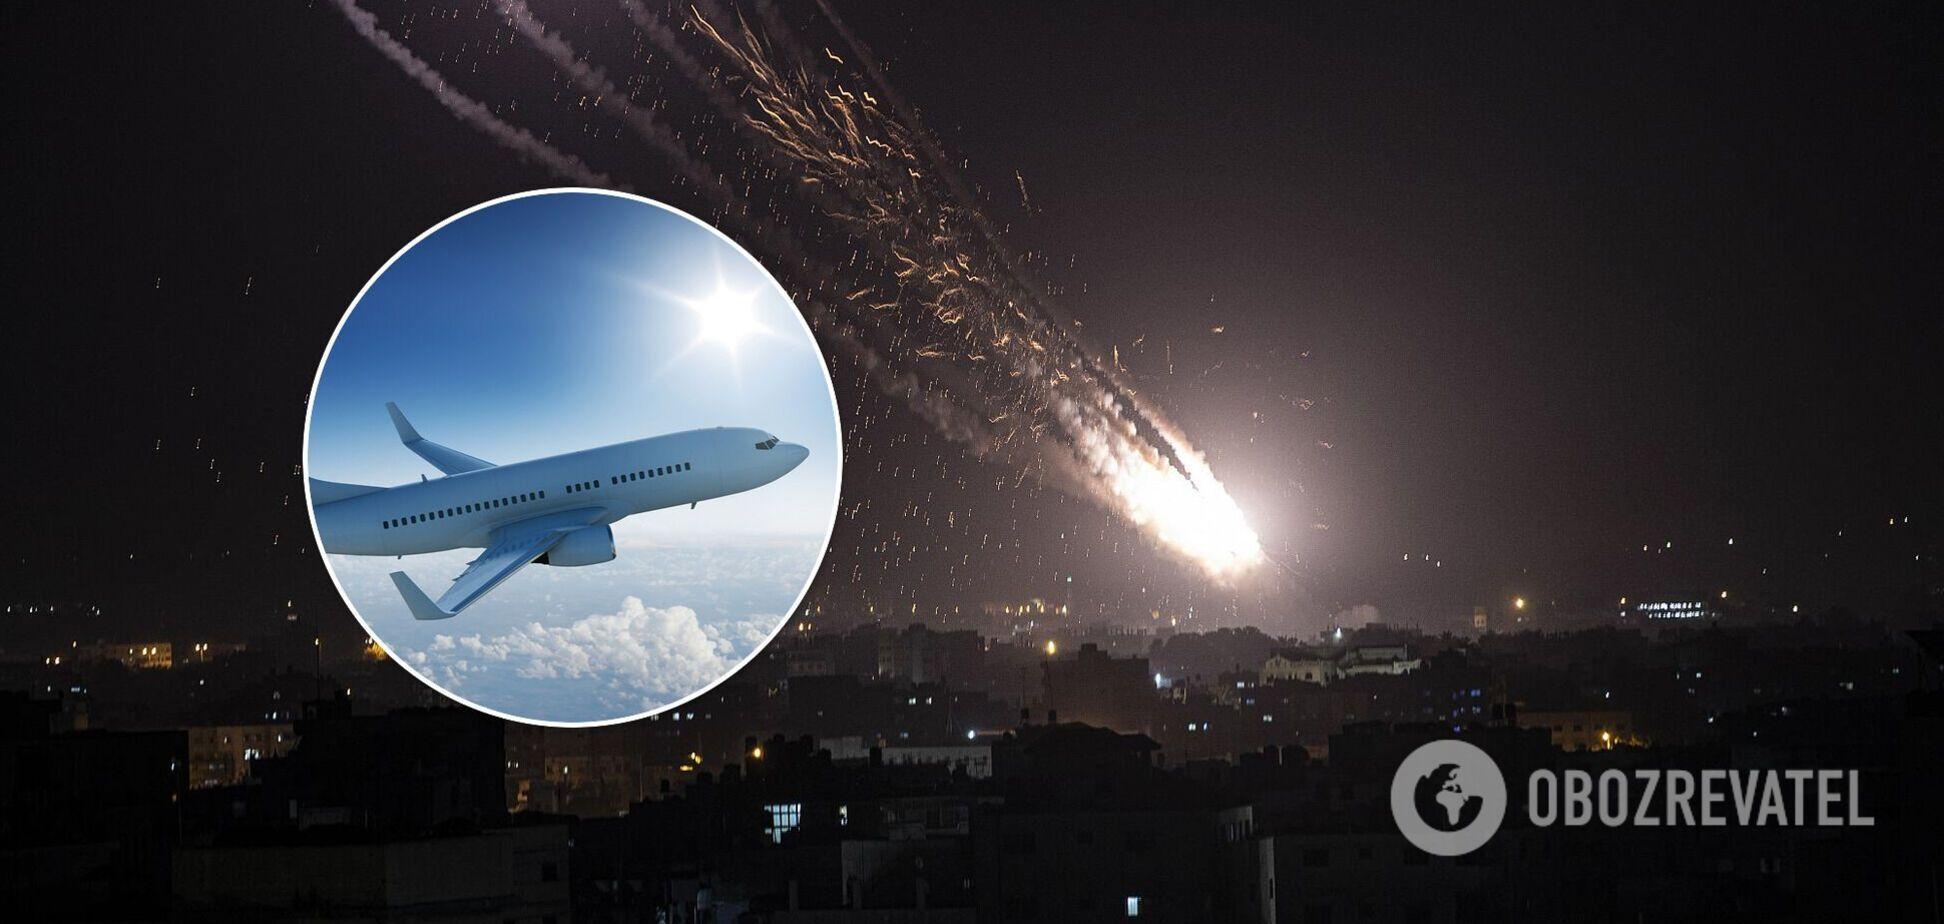 Ізраїль заборонив всі авіарейси через ракетні обстріли